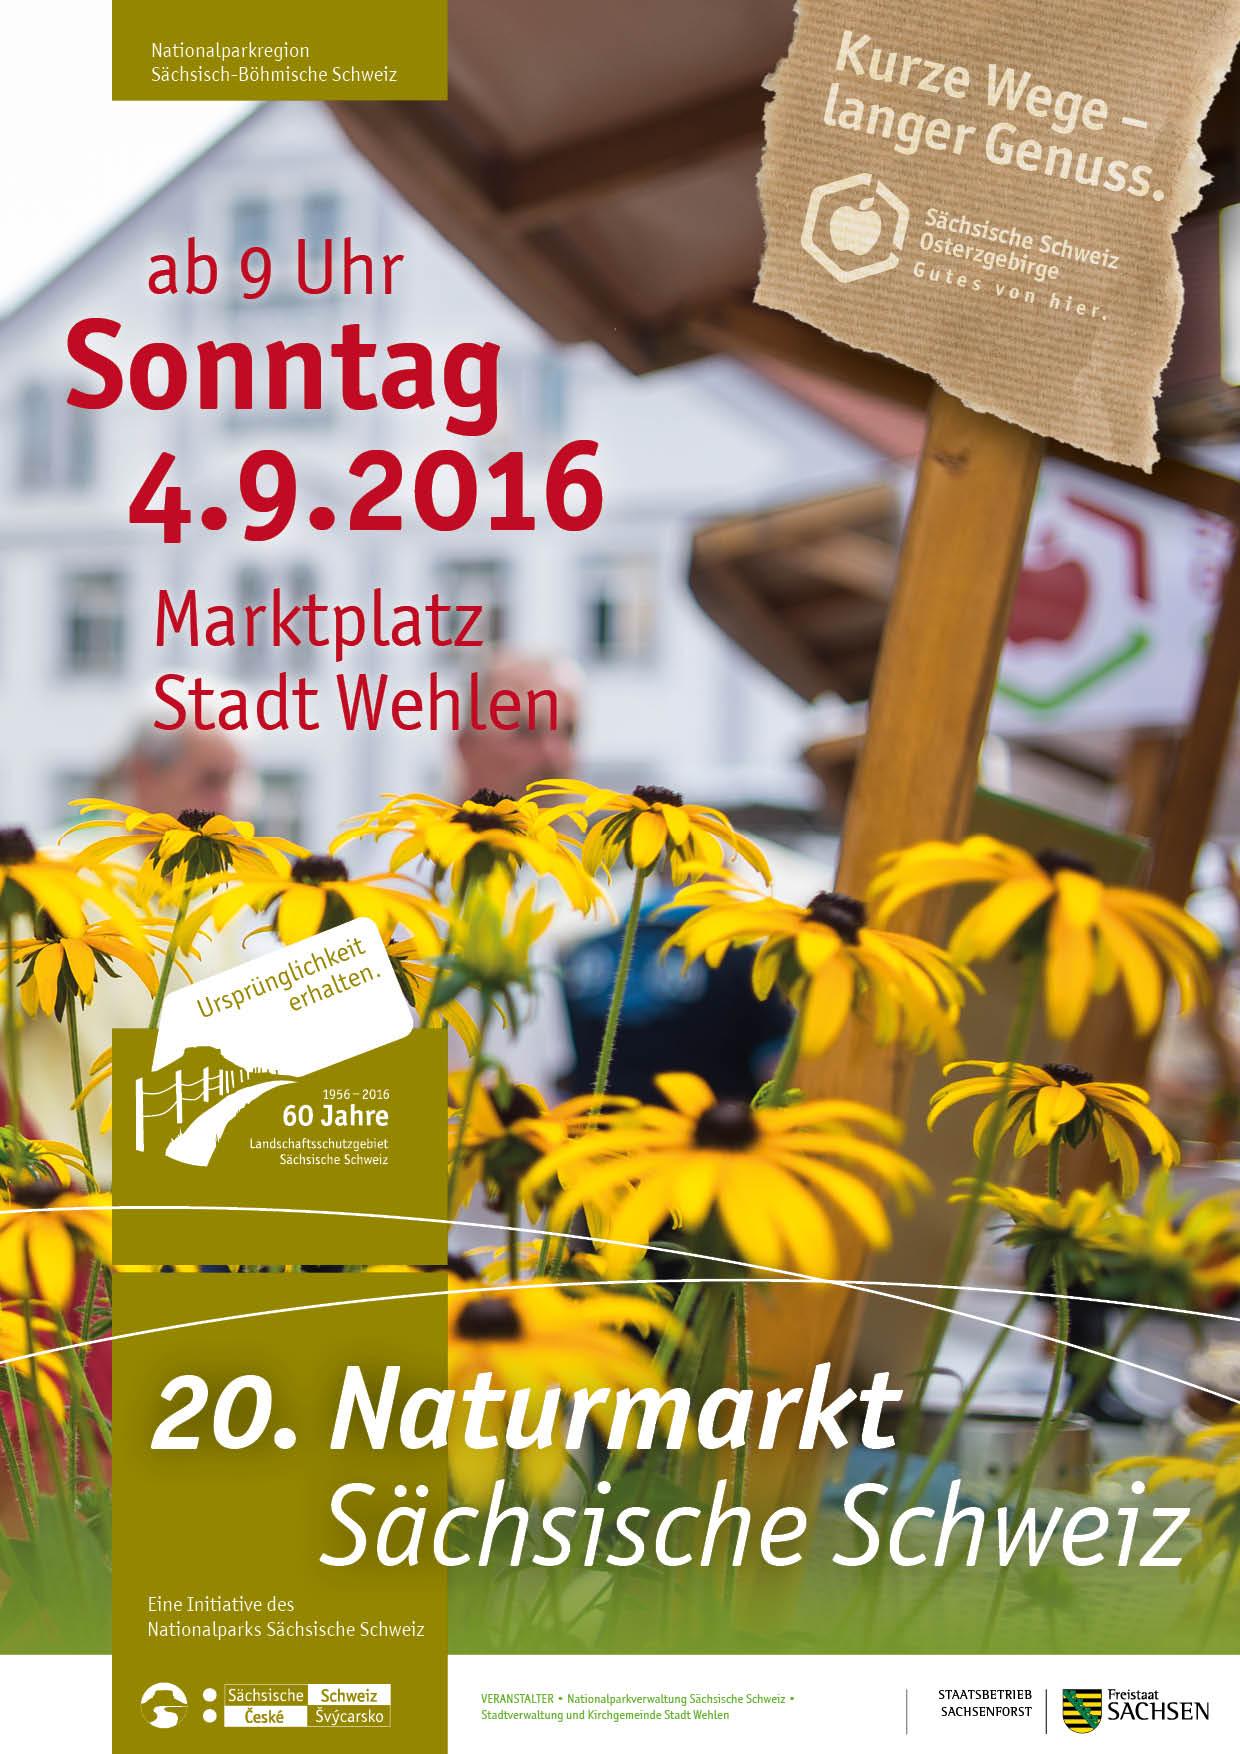 Naturmarkt_Sächsische_Schweiz